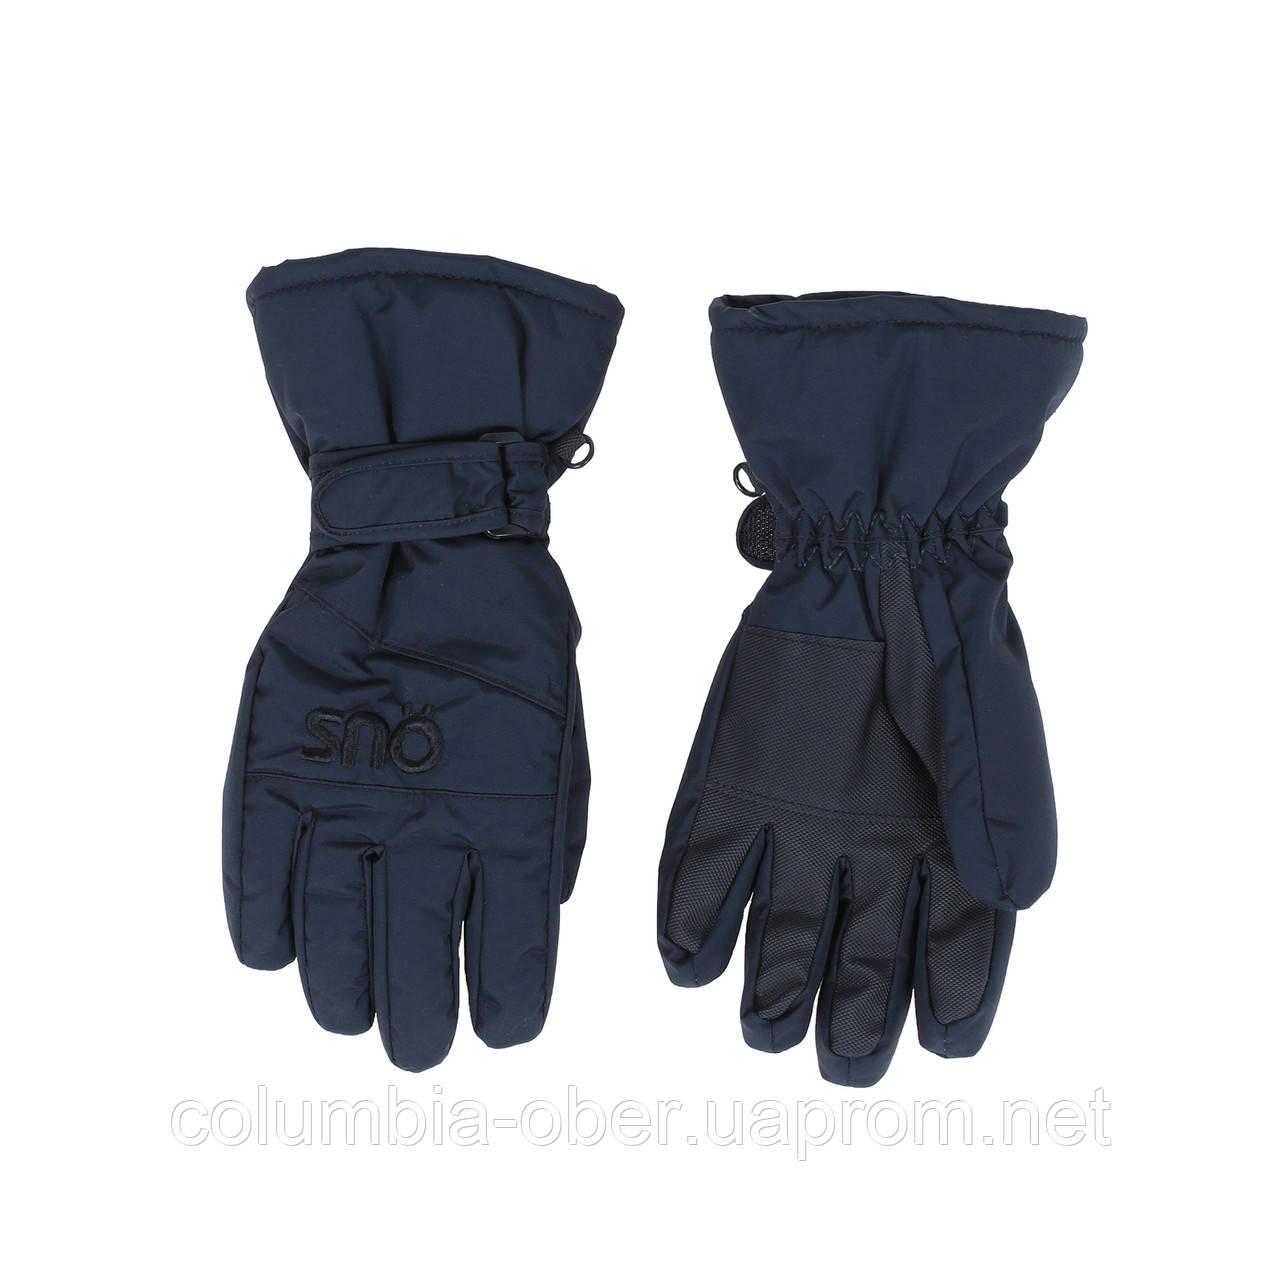 Зимние непромокаемые перчатки для мальчика SNO F18GA307 BLACK. Размер 14/16.